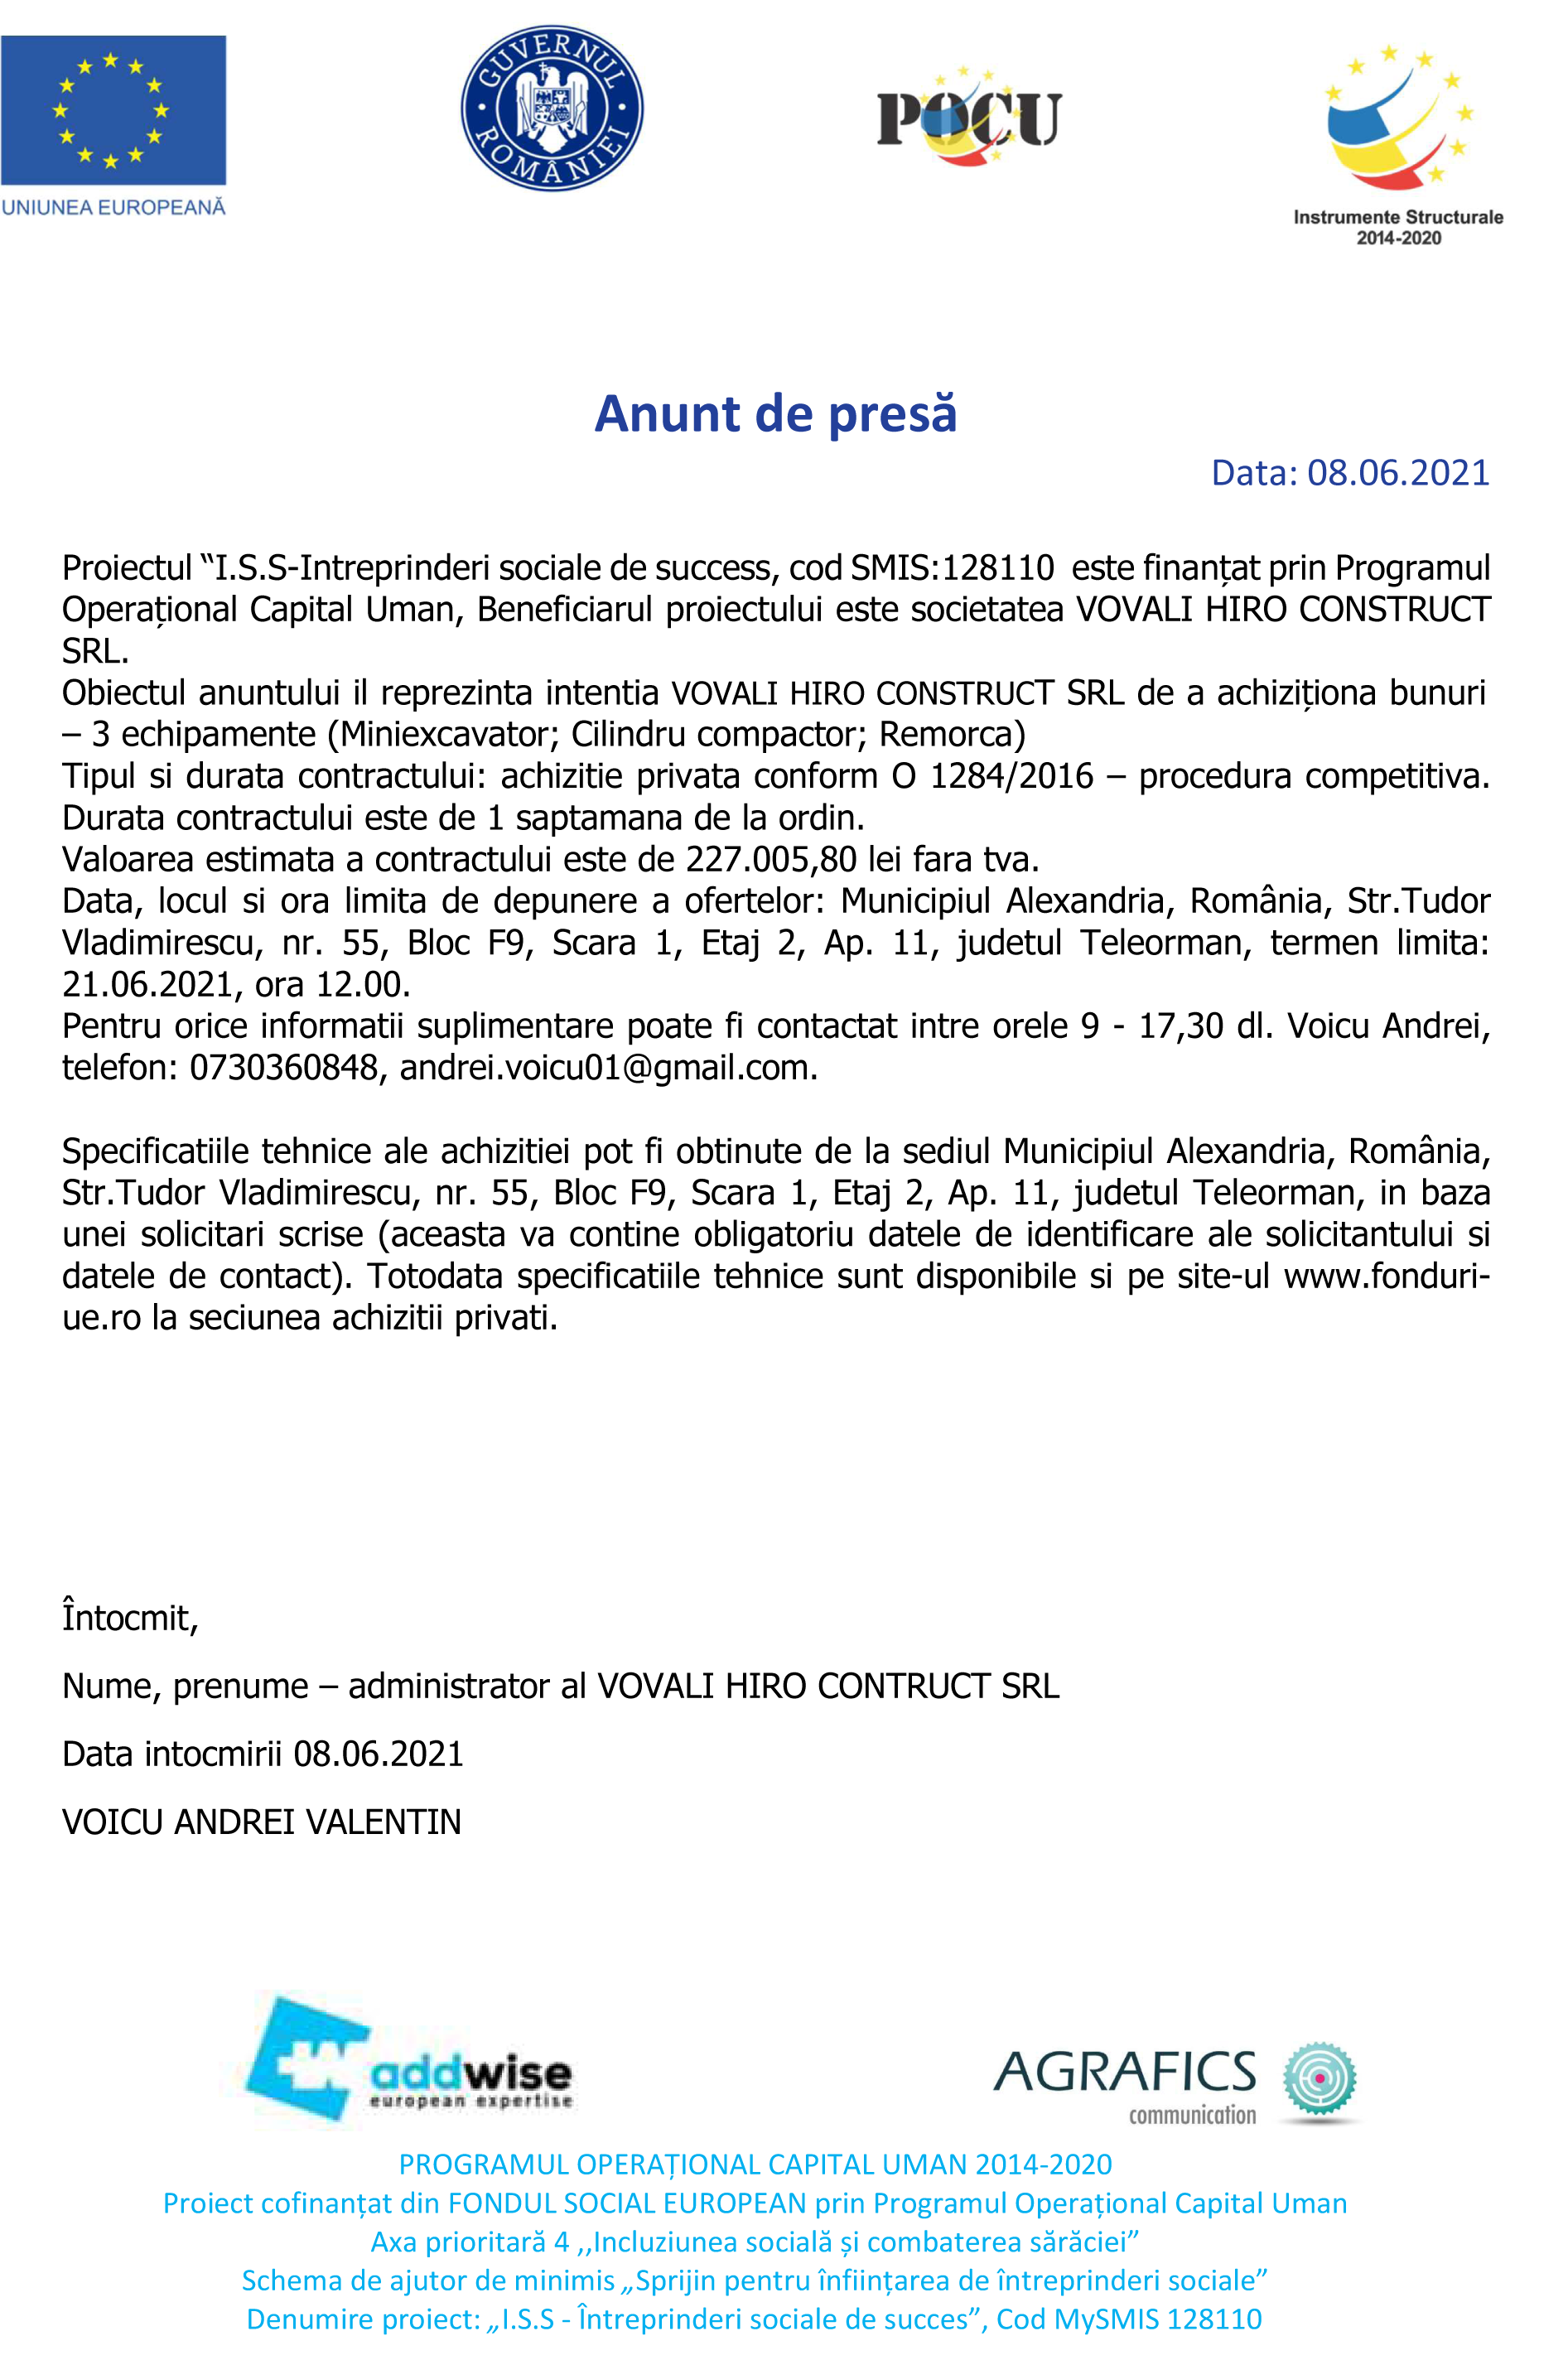 Anunt-de-presa-VOVALI-HIRO-CONSTRUCT